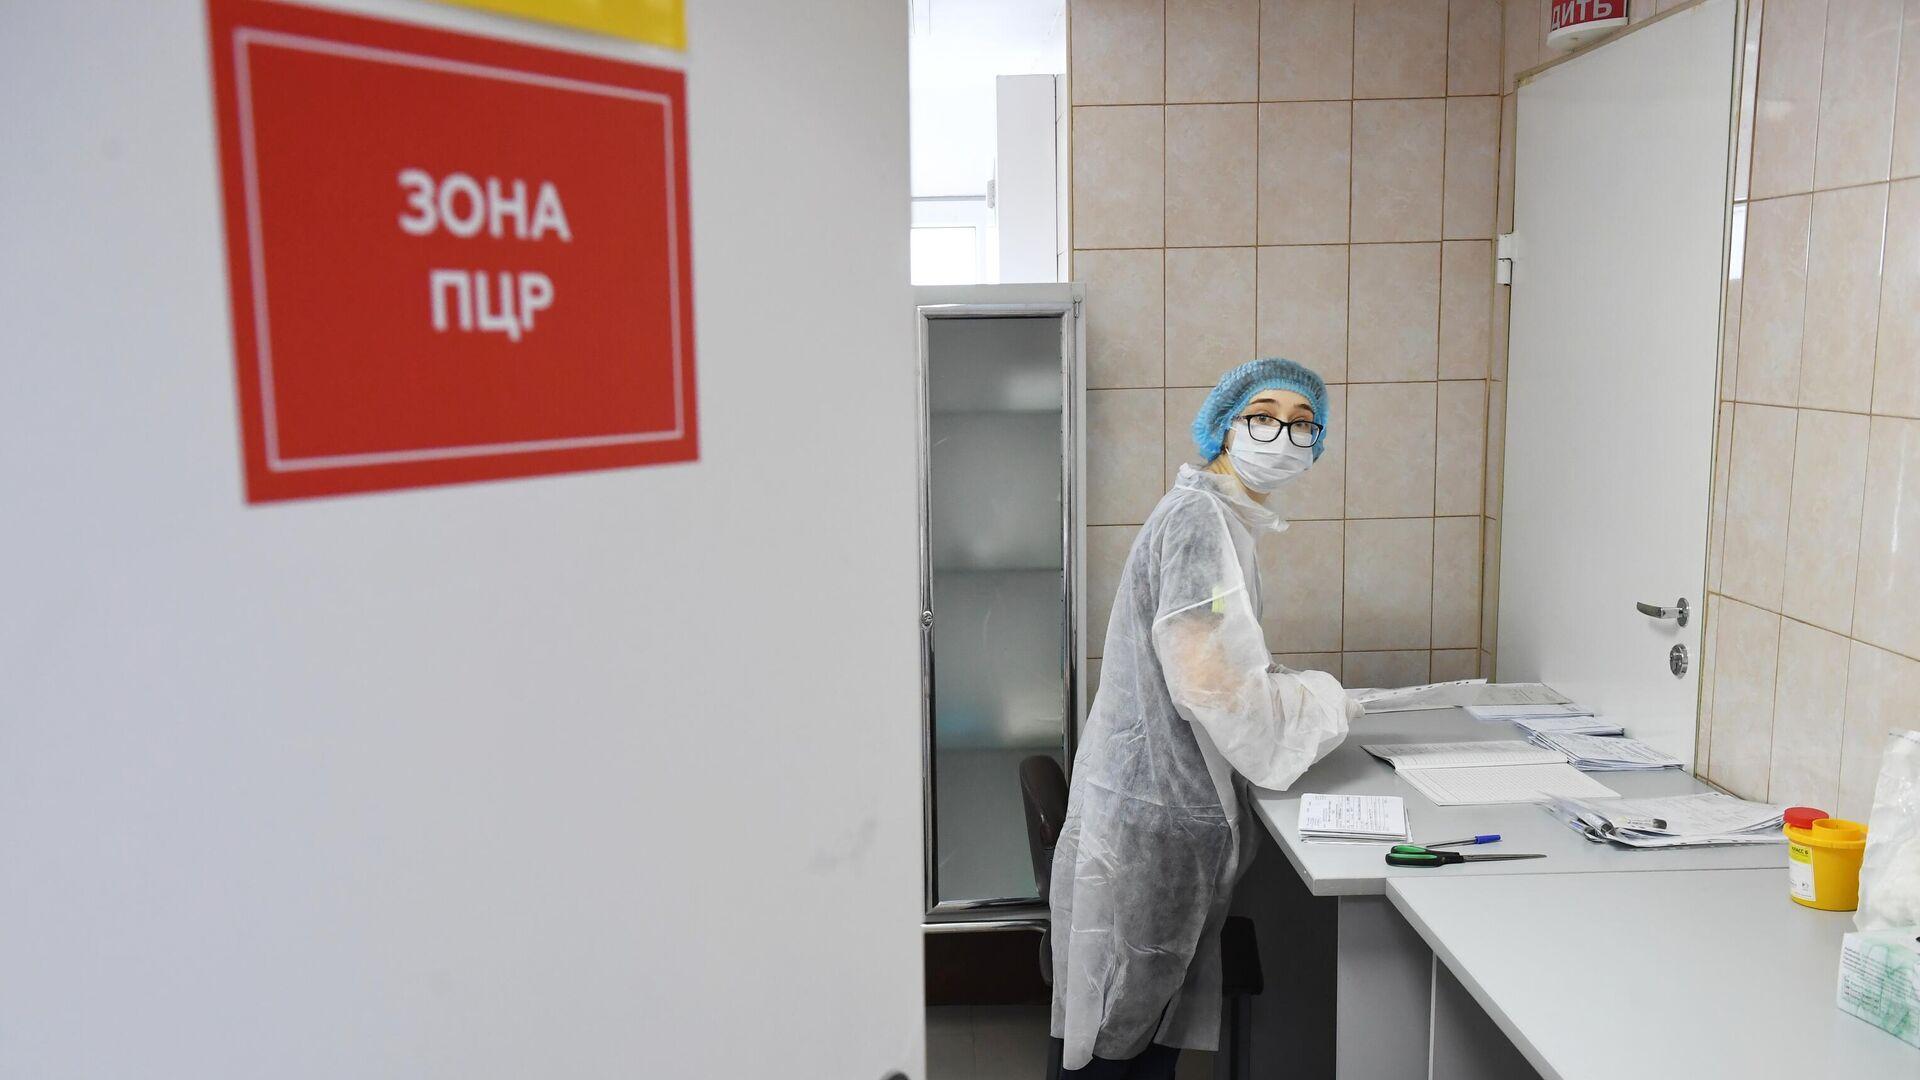 Медицинский работник в ПЦР зоне в больнице - РИА Новости, 1920, 10.08.2021